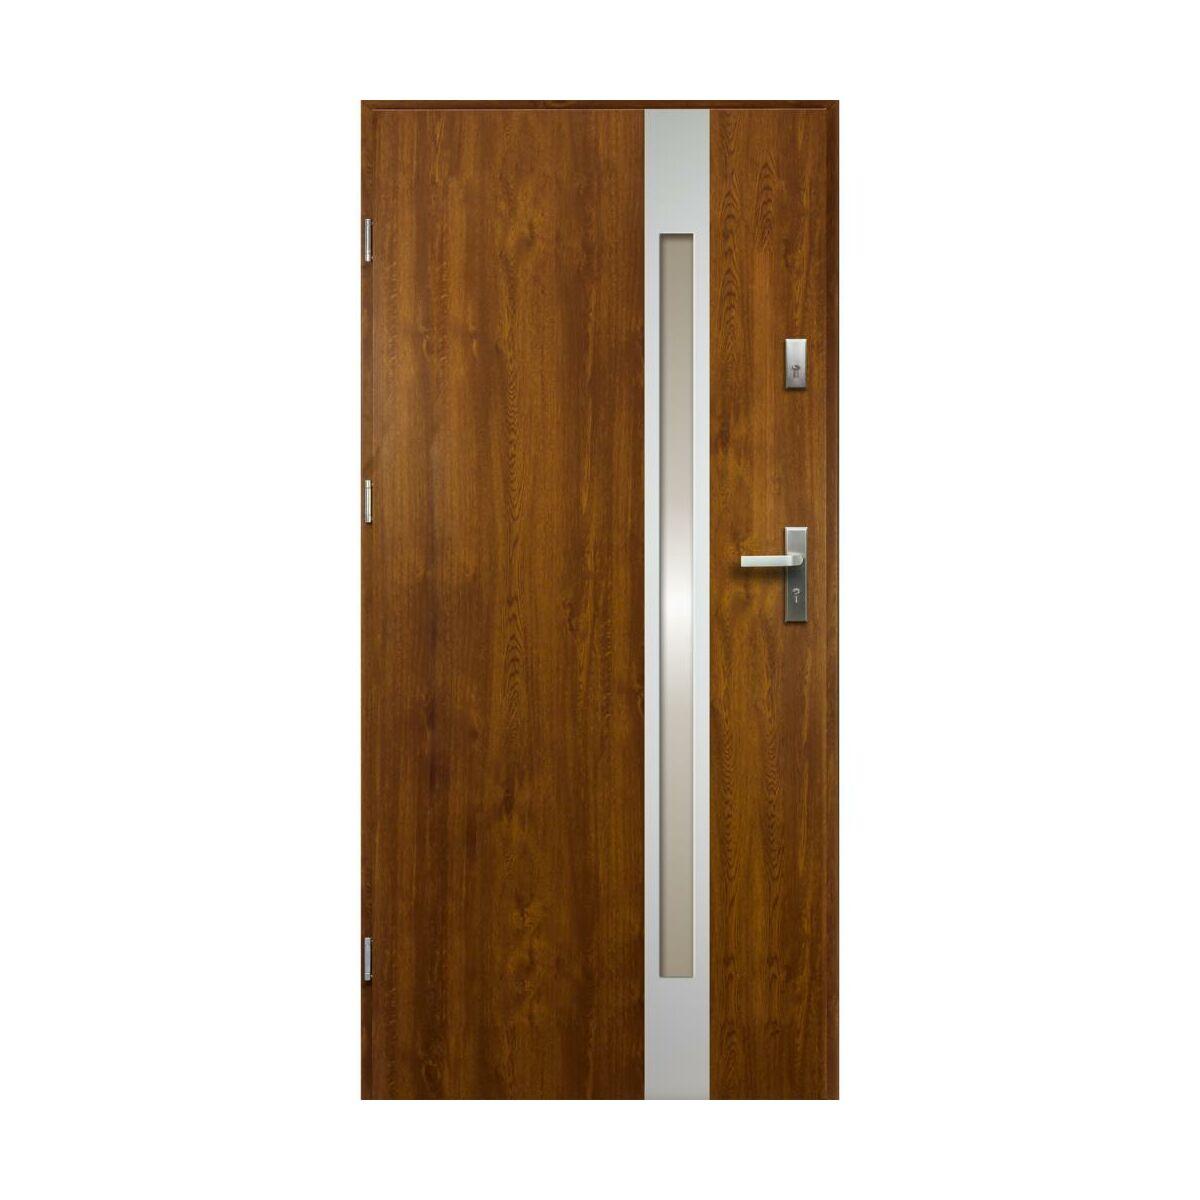 Drzwi Wejsciowe Temidas Zloty Dab 80 Lewe Drzwi Wejsciowe Do Domu Mieszkania W Atrakcyjnej Cenie W Sklepach Leroy Merlin